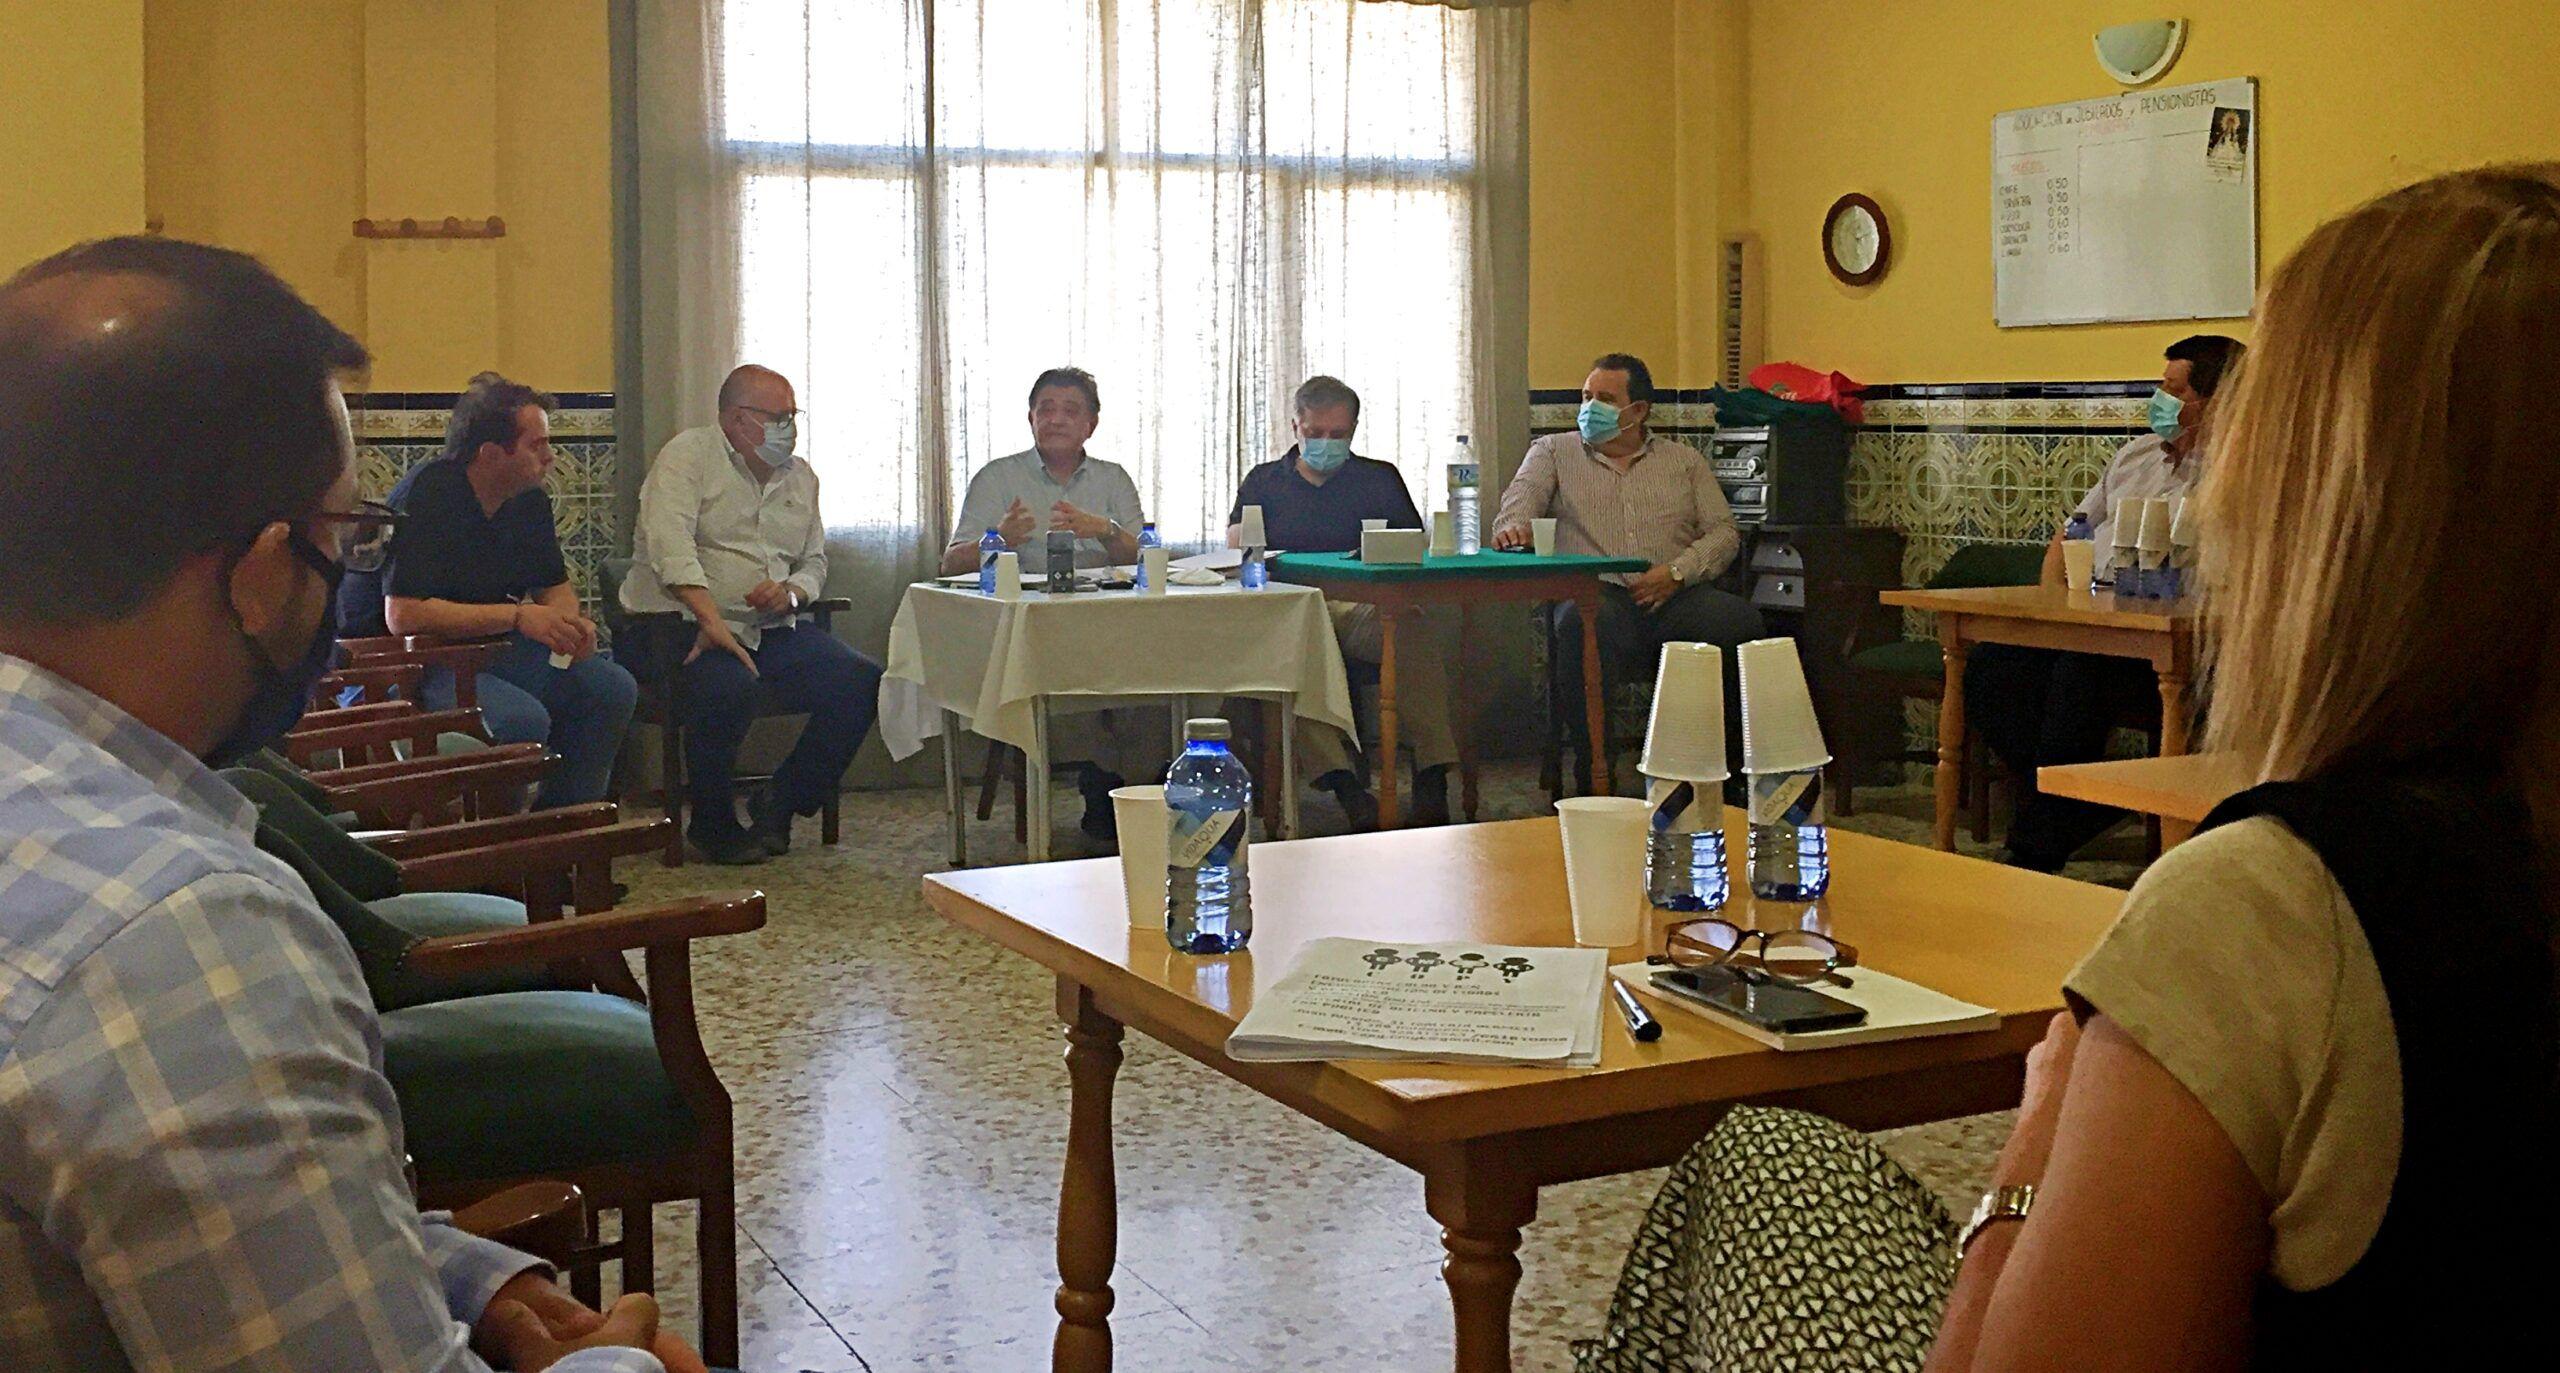 Los grupos municipales del PP en la Comarca de Valdepeñas reclaman la necesidad de dotar de UCI al Hospital de Valdepeñas